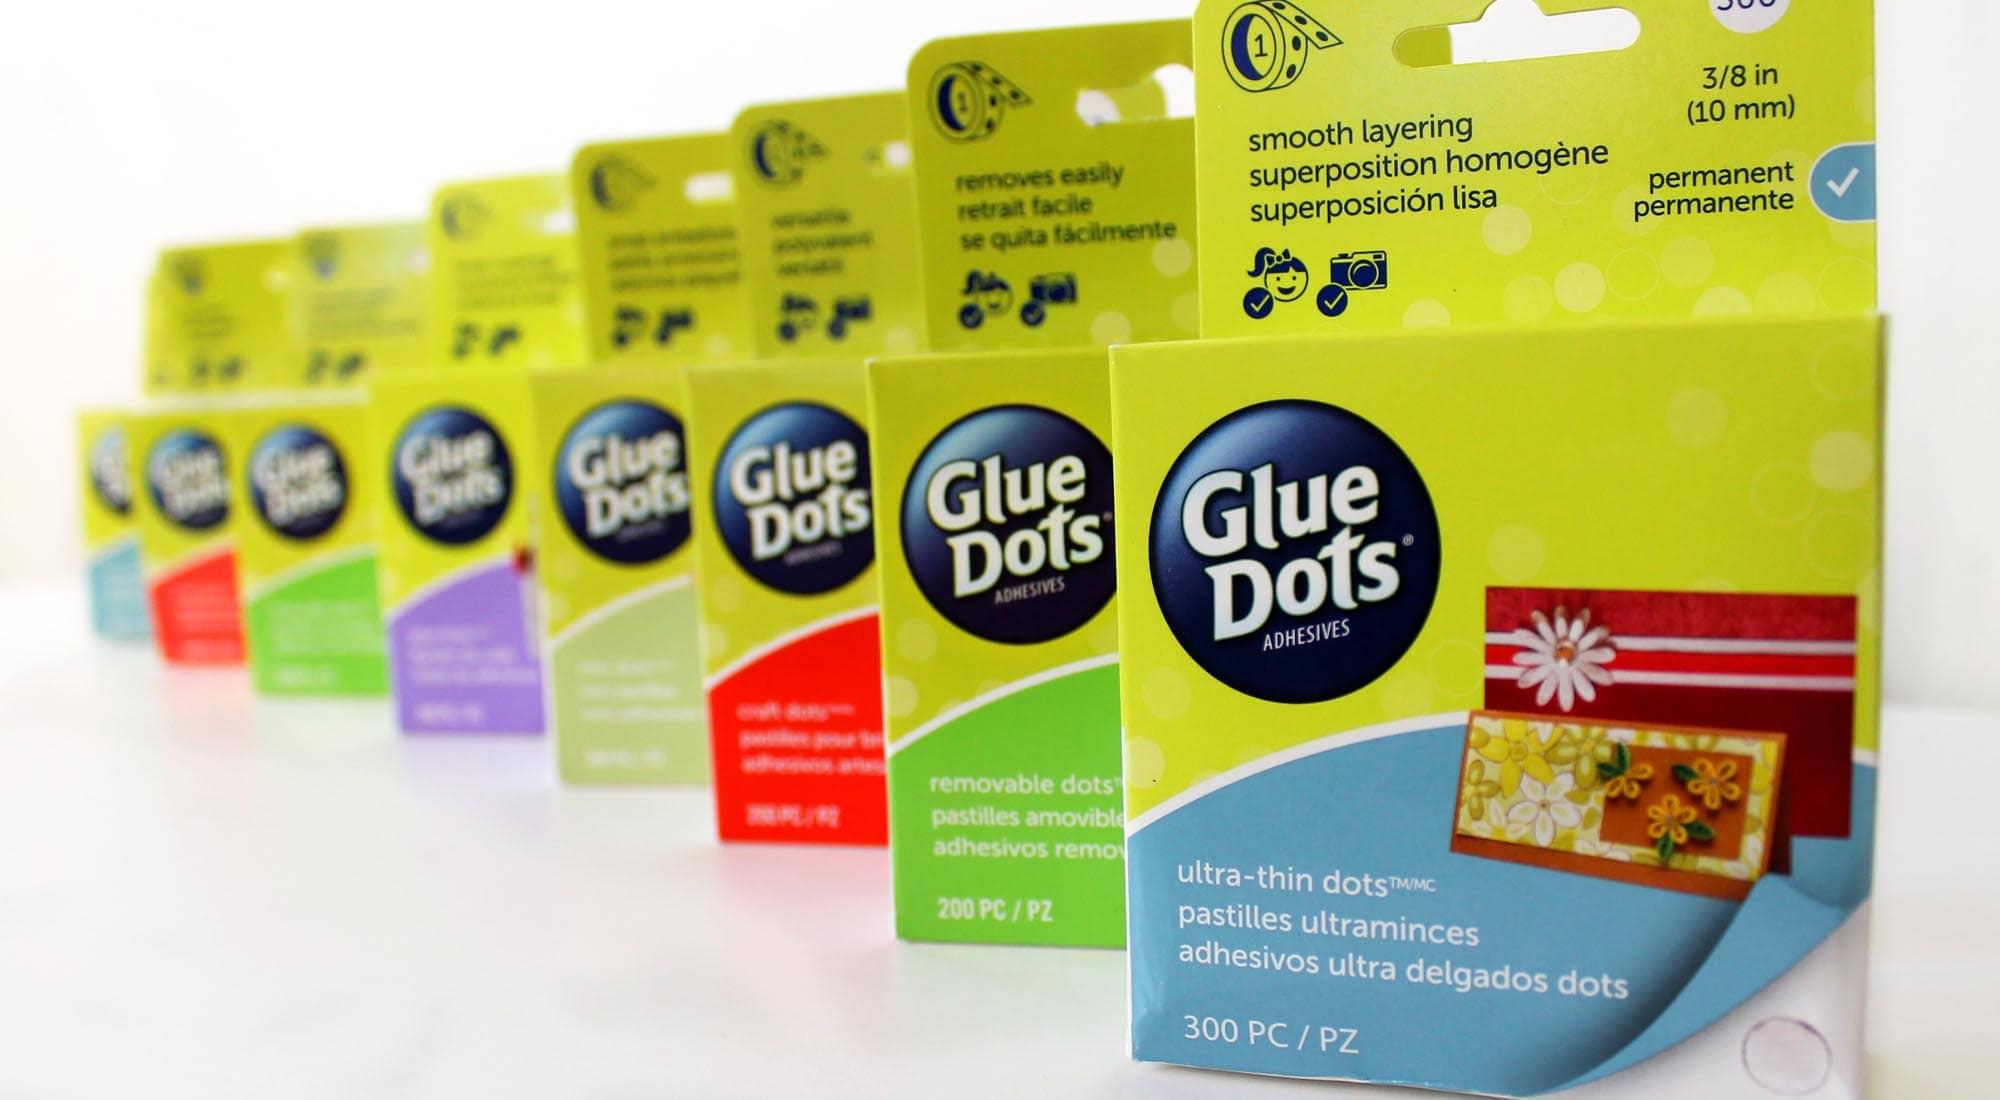 Glue Dots boxes